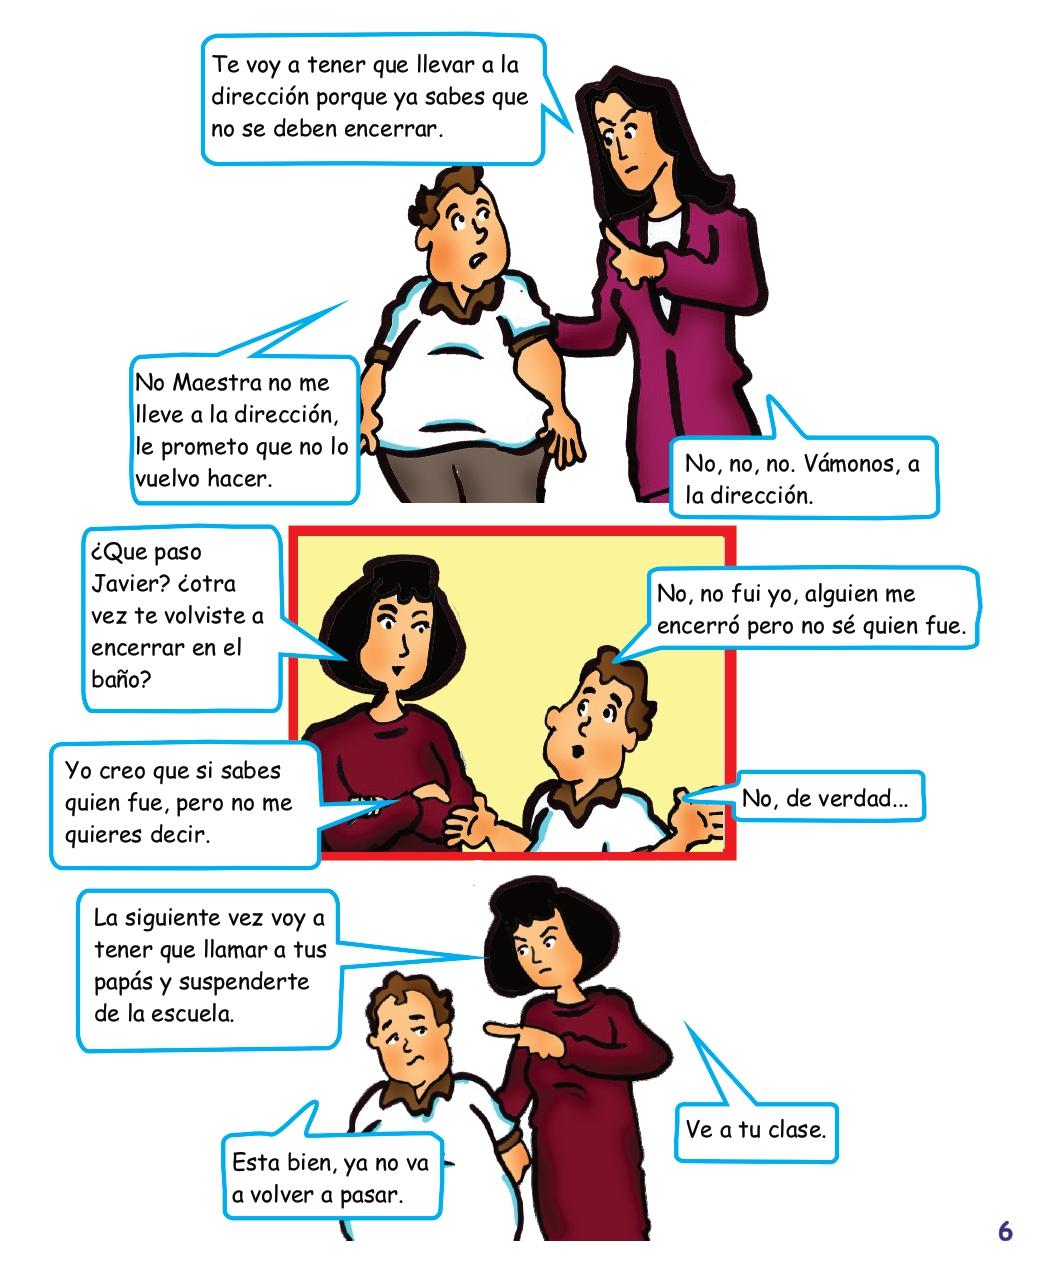 Psicología adolescentes Reyhan cap3 digital_page-0009